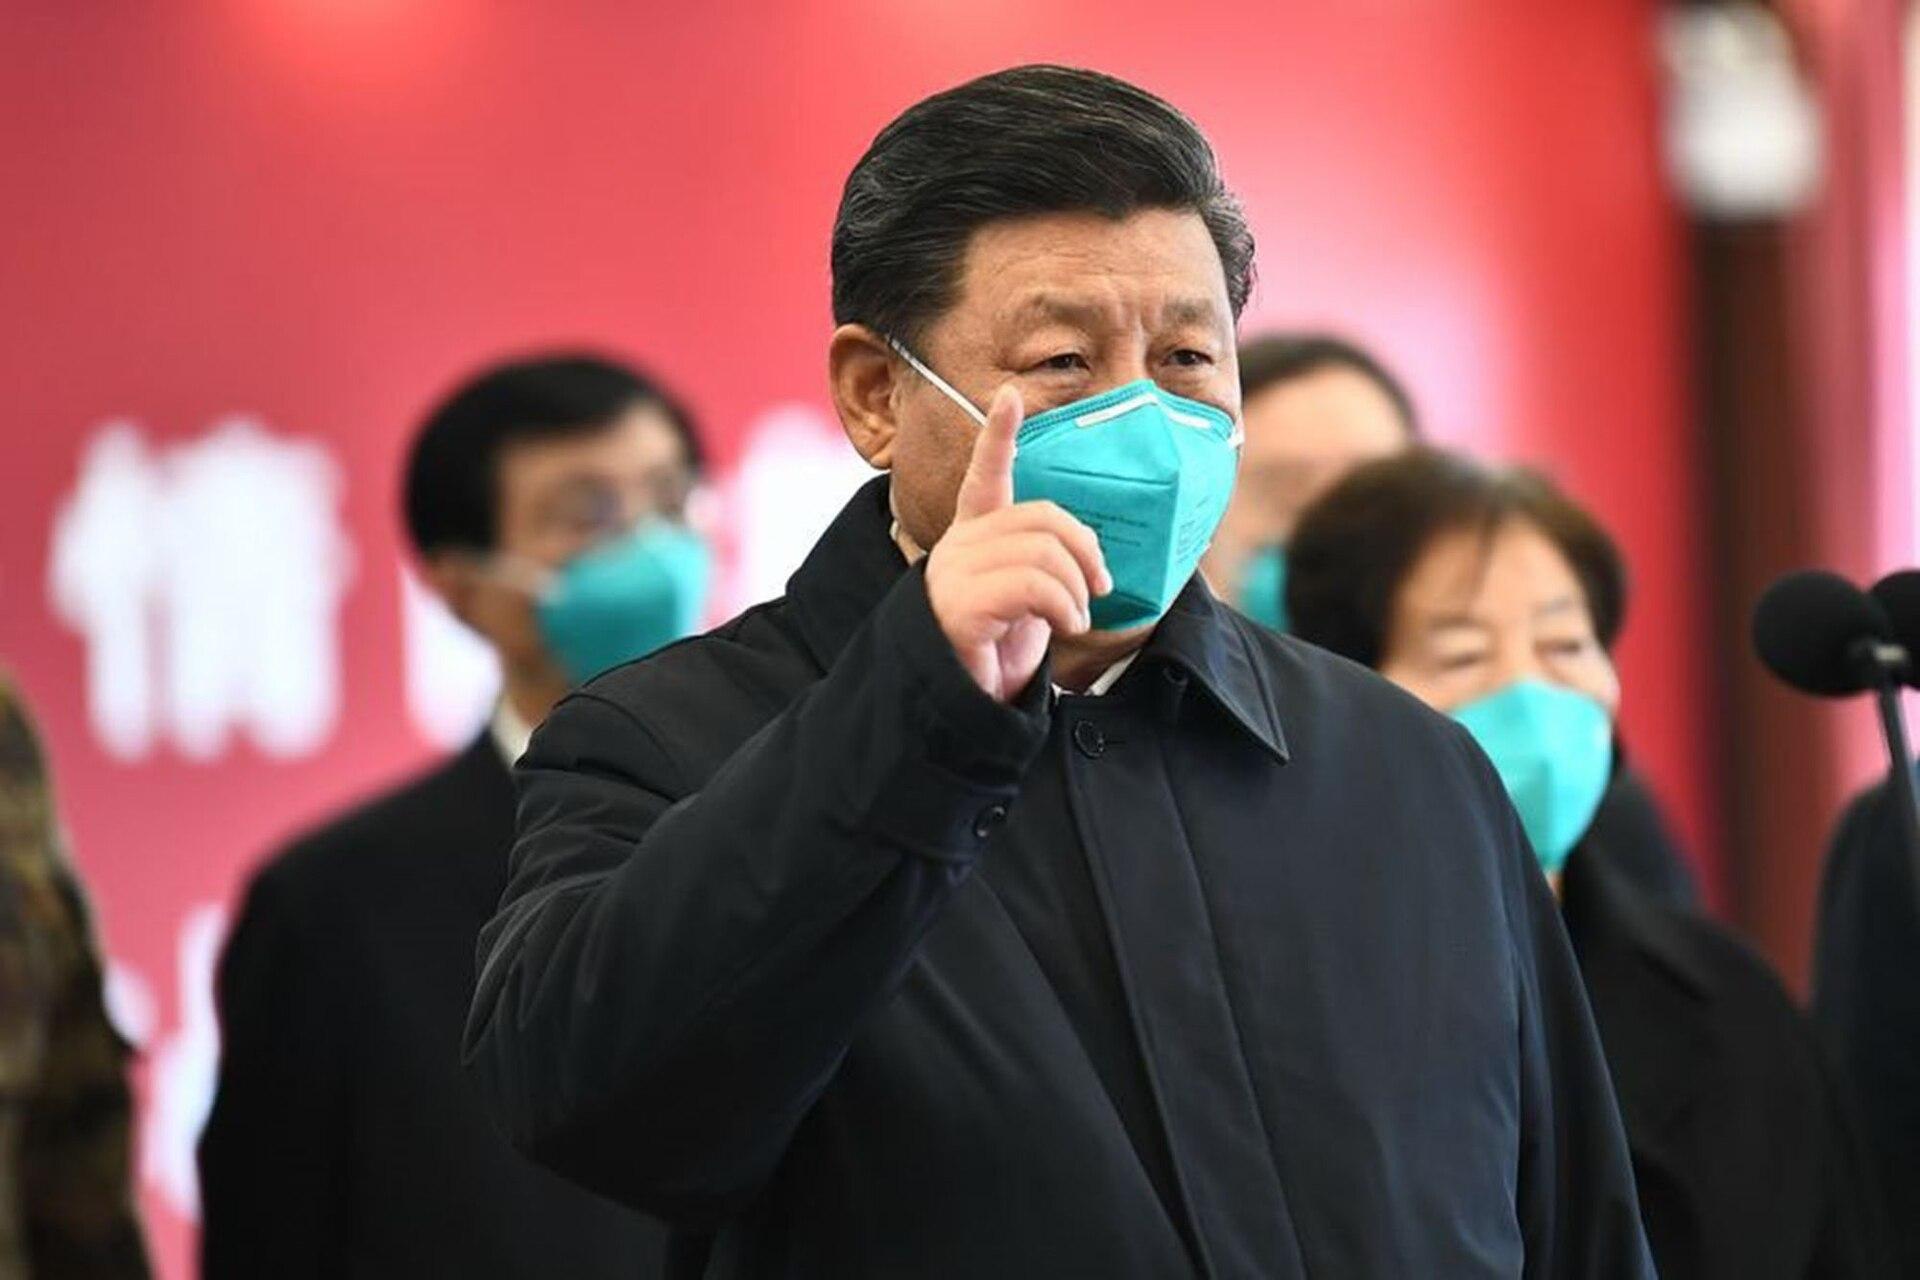 El presidente de China Xi Jinping, en Wuhan, en cuyo mercado de animales empezó la pandemia a principios de diciembre pasado; según los datos oficiales, la propagación del virus está controlada en el país, pero distintas investigaciones y periodistas han denunciado que el régimen ocultó información